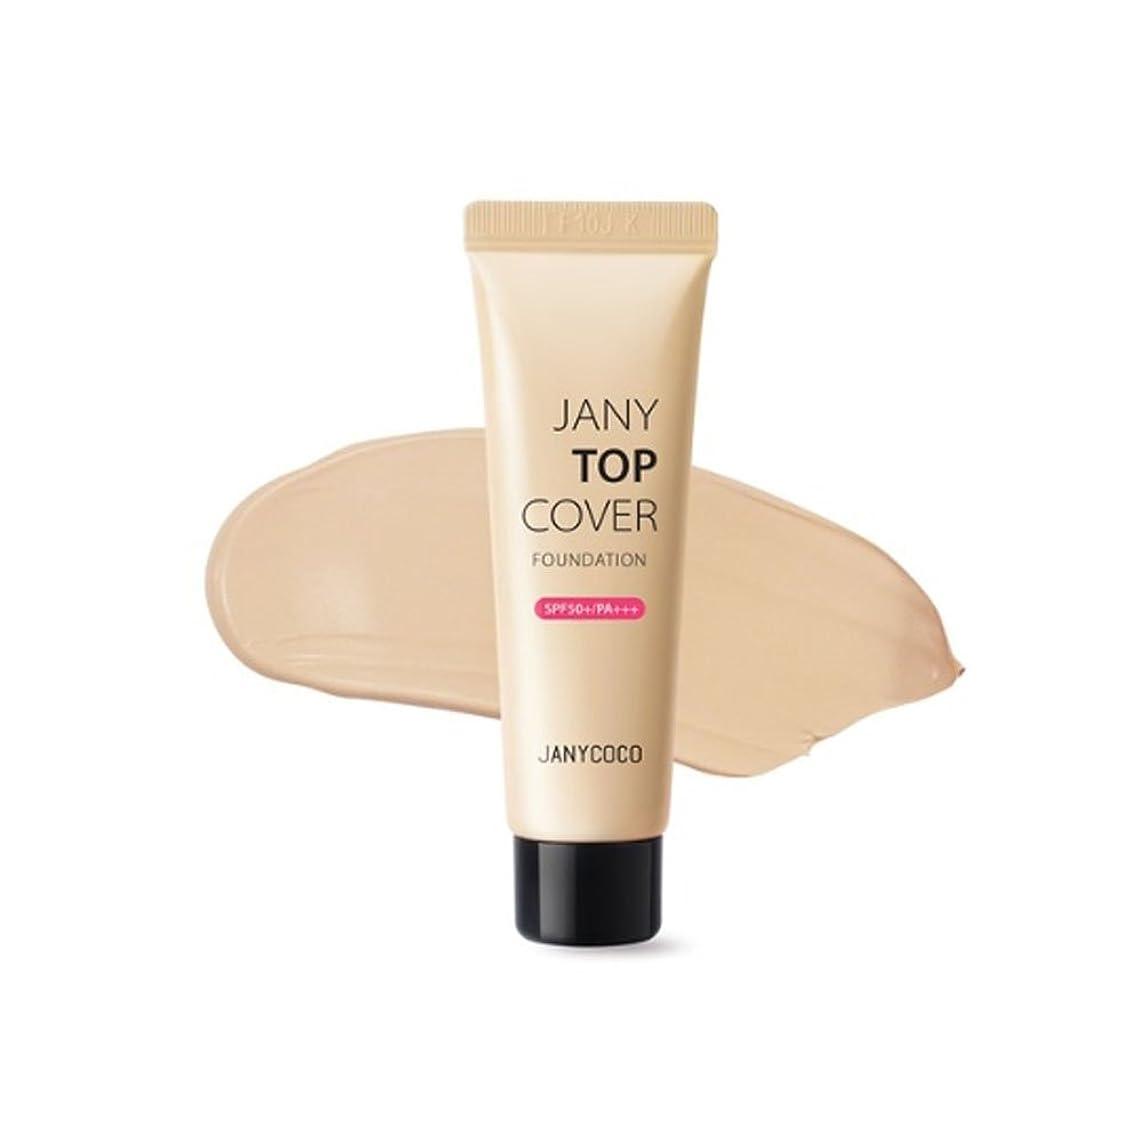 カイウス回転それらジェニーココジェニートップカバーファンデーション(SPF50+/PA+++)30ml 2カラー、Janycoco Jany Top Cover Foundation (SPF50+/PA+++) 30ml 2 Colors [海外直送品] (No.21 Natural Beige)